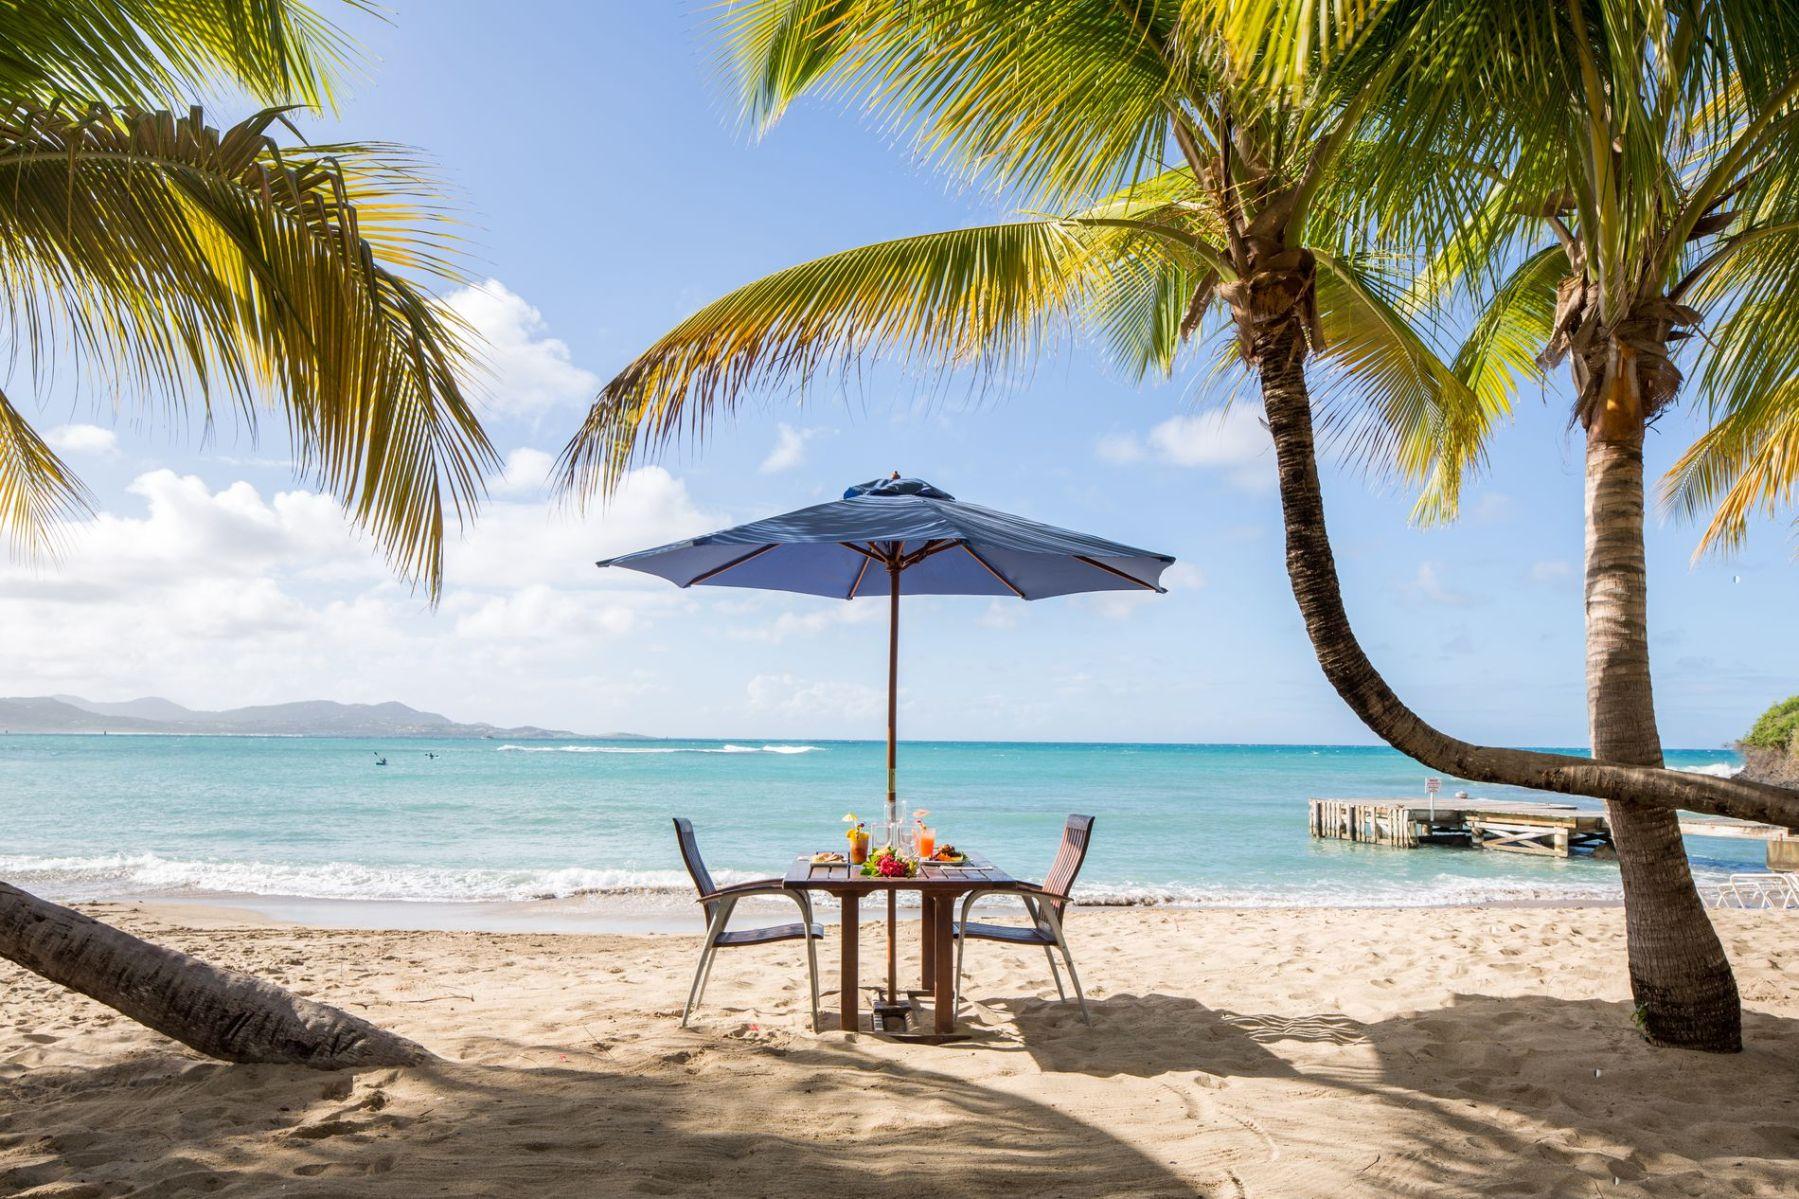 the buccaneer resort beach